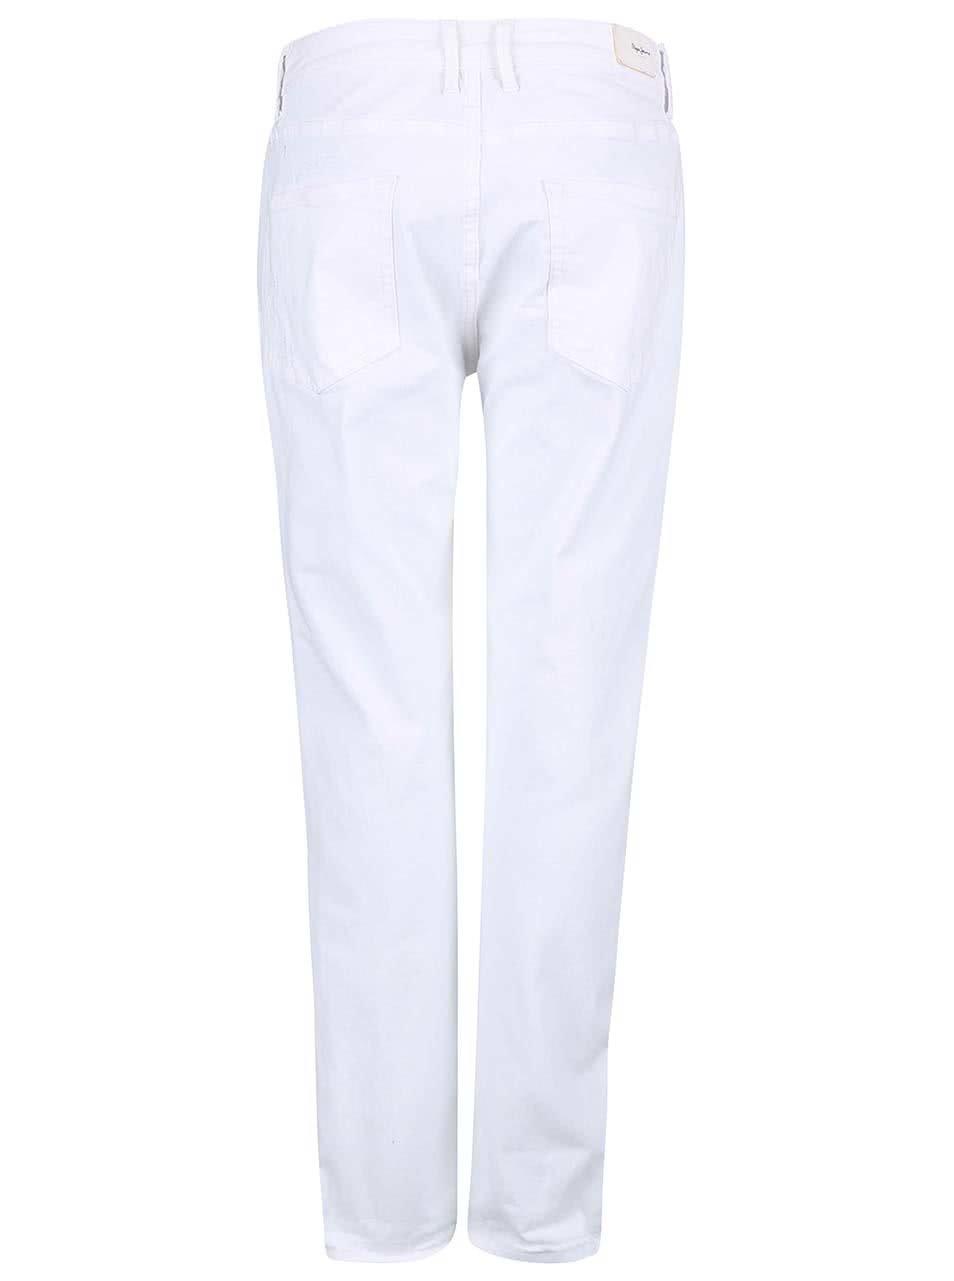 Bílé dámské džíny s roztrhaným efektem Pepe Jeans Vagabond ... 75e1b5bec1